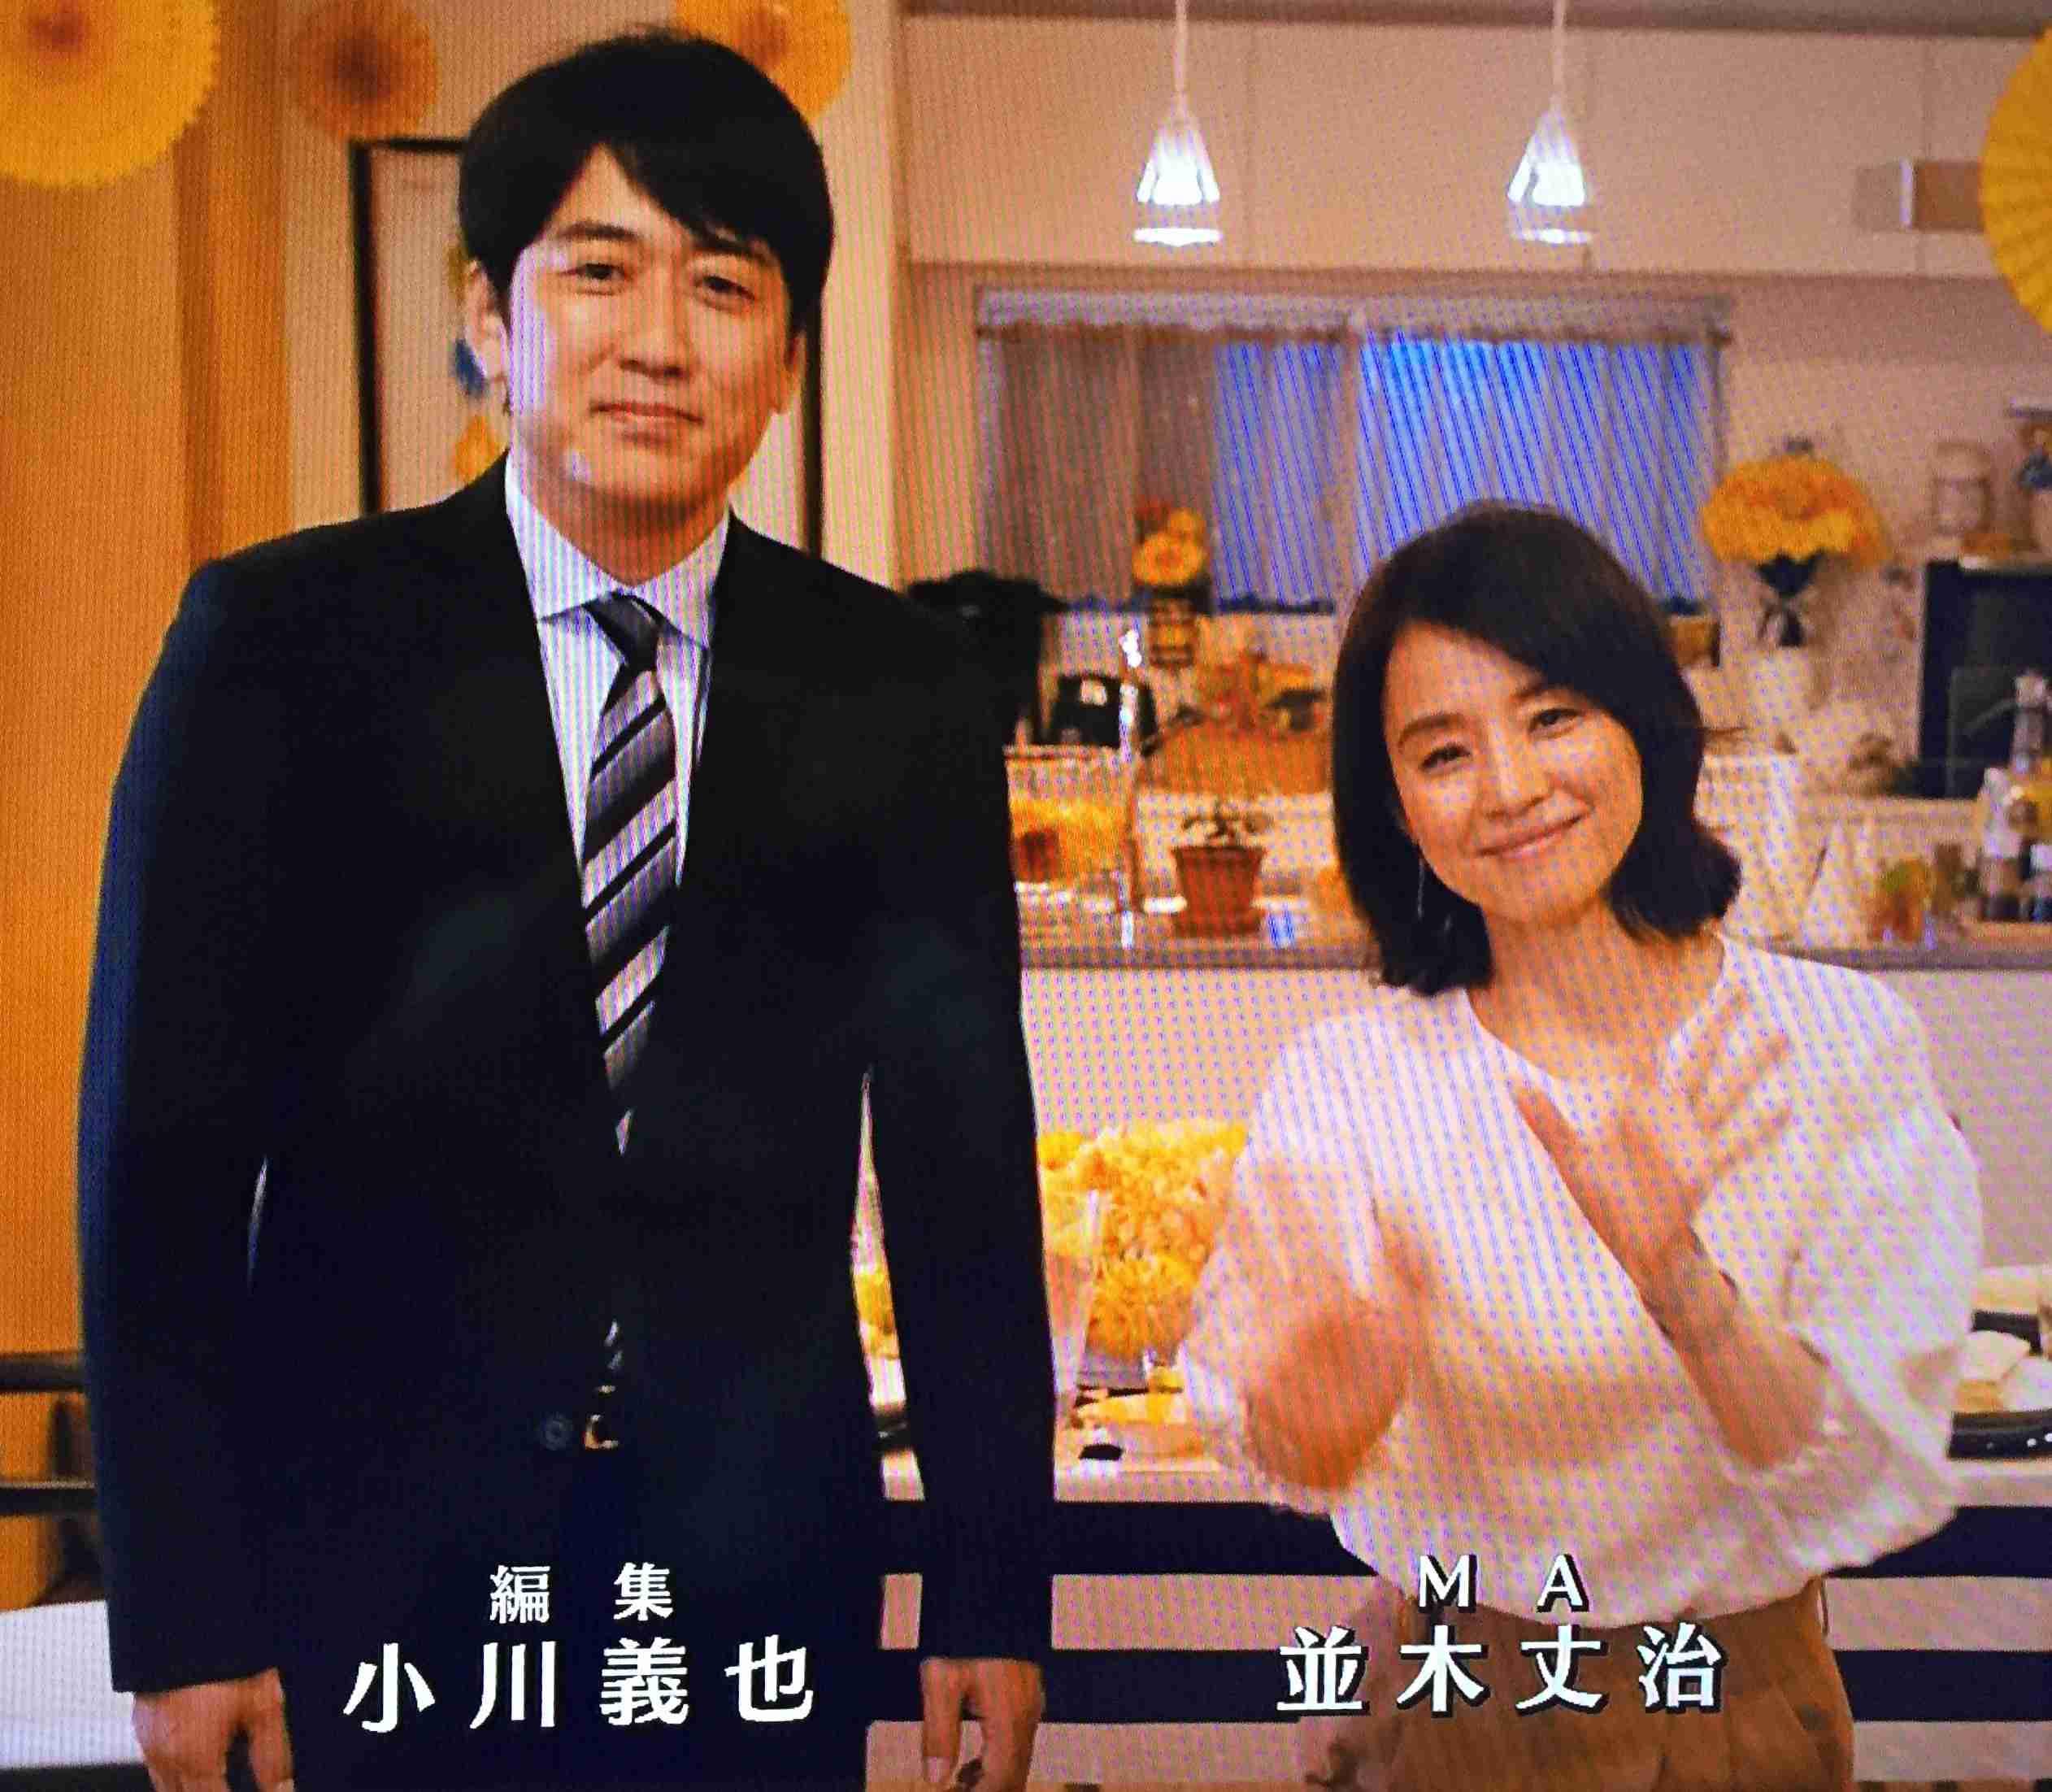 米倉涼子の恋人候補にTBS安住紳一郎アナ浮上